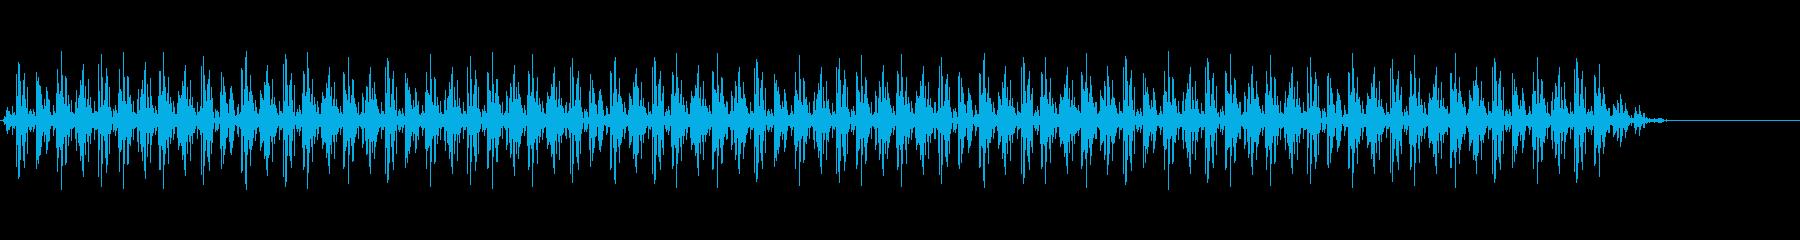 馬-ギャロップ7の再生済みの波形